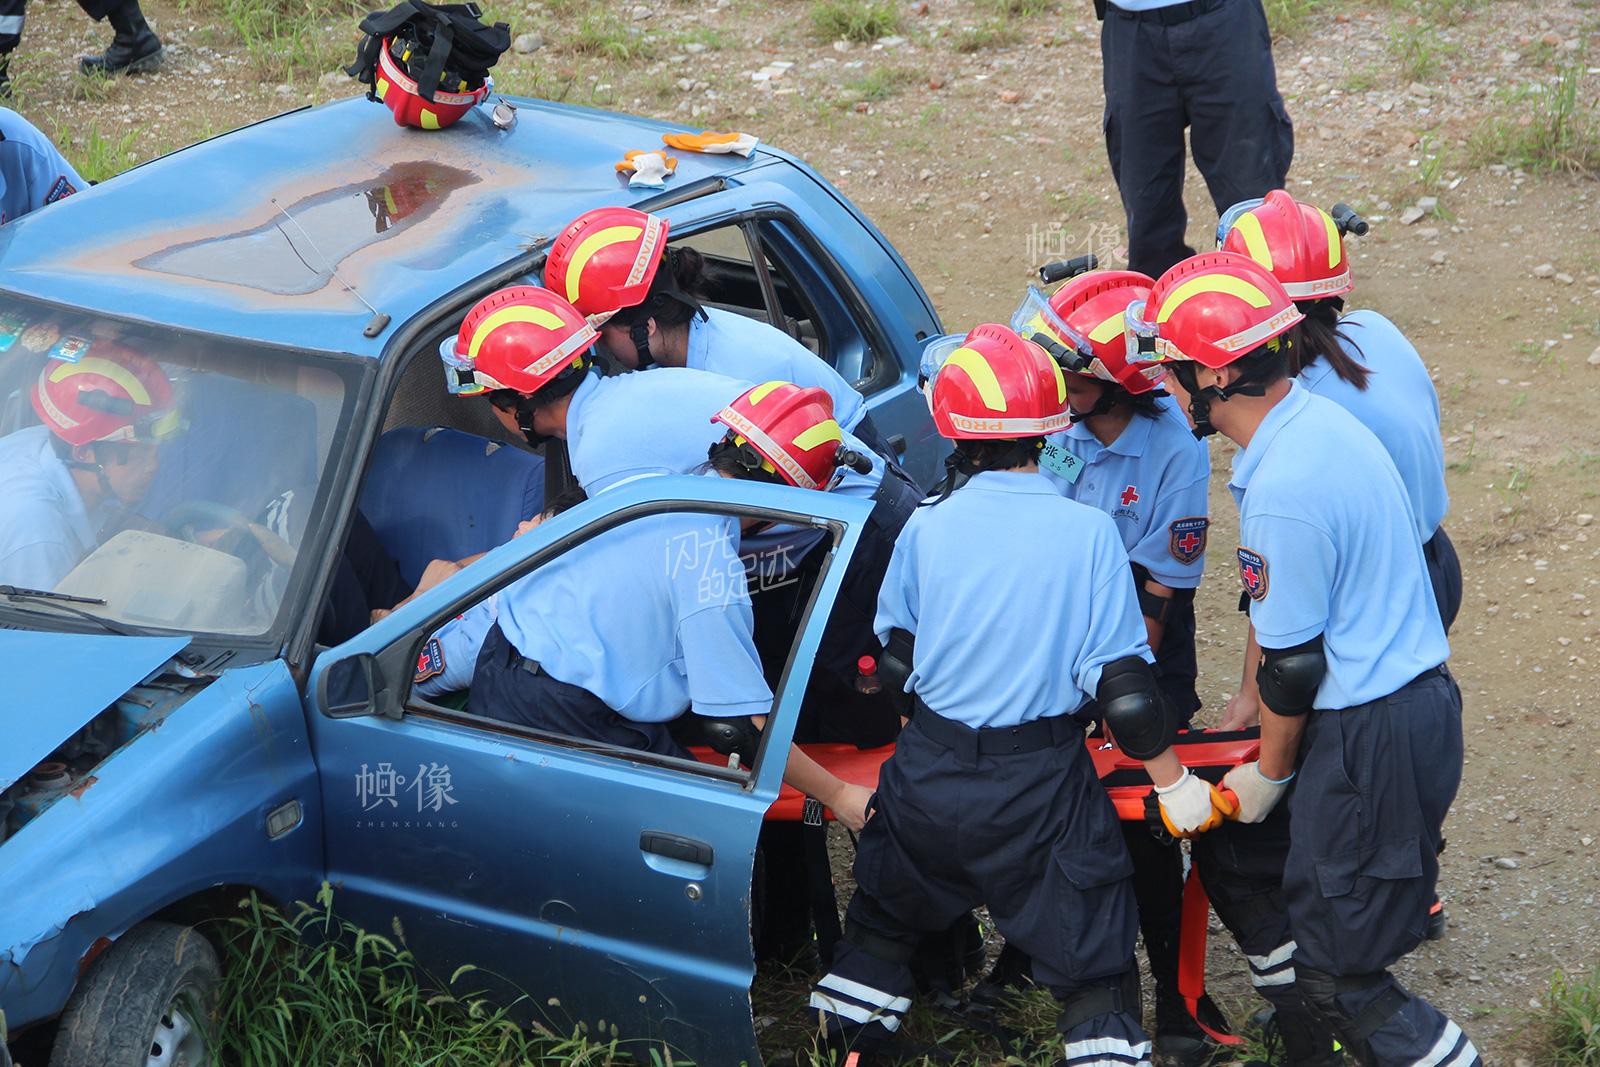 2013年,北京市西城区红十字会参加北京市组织的应急救援演练。(北京市西城区红十字会供图)